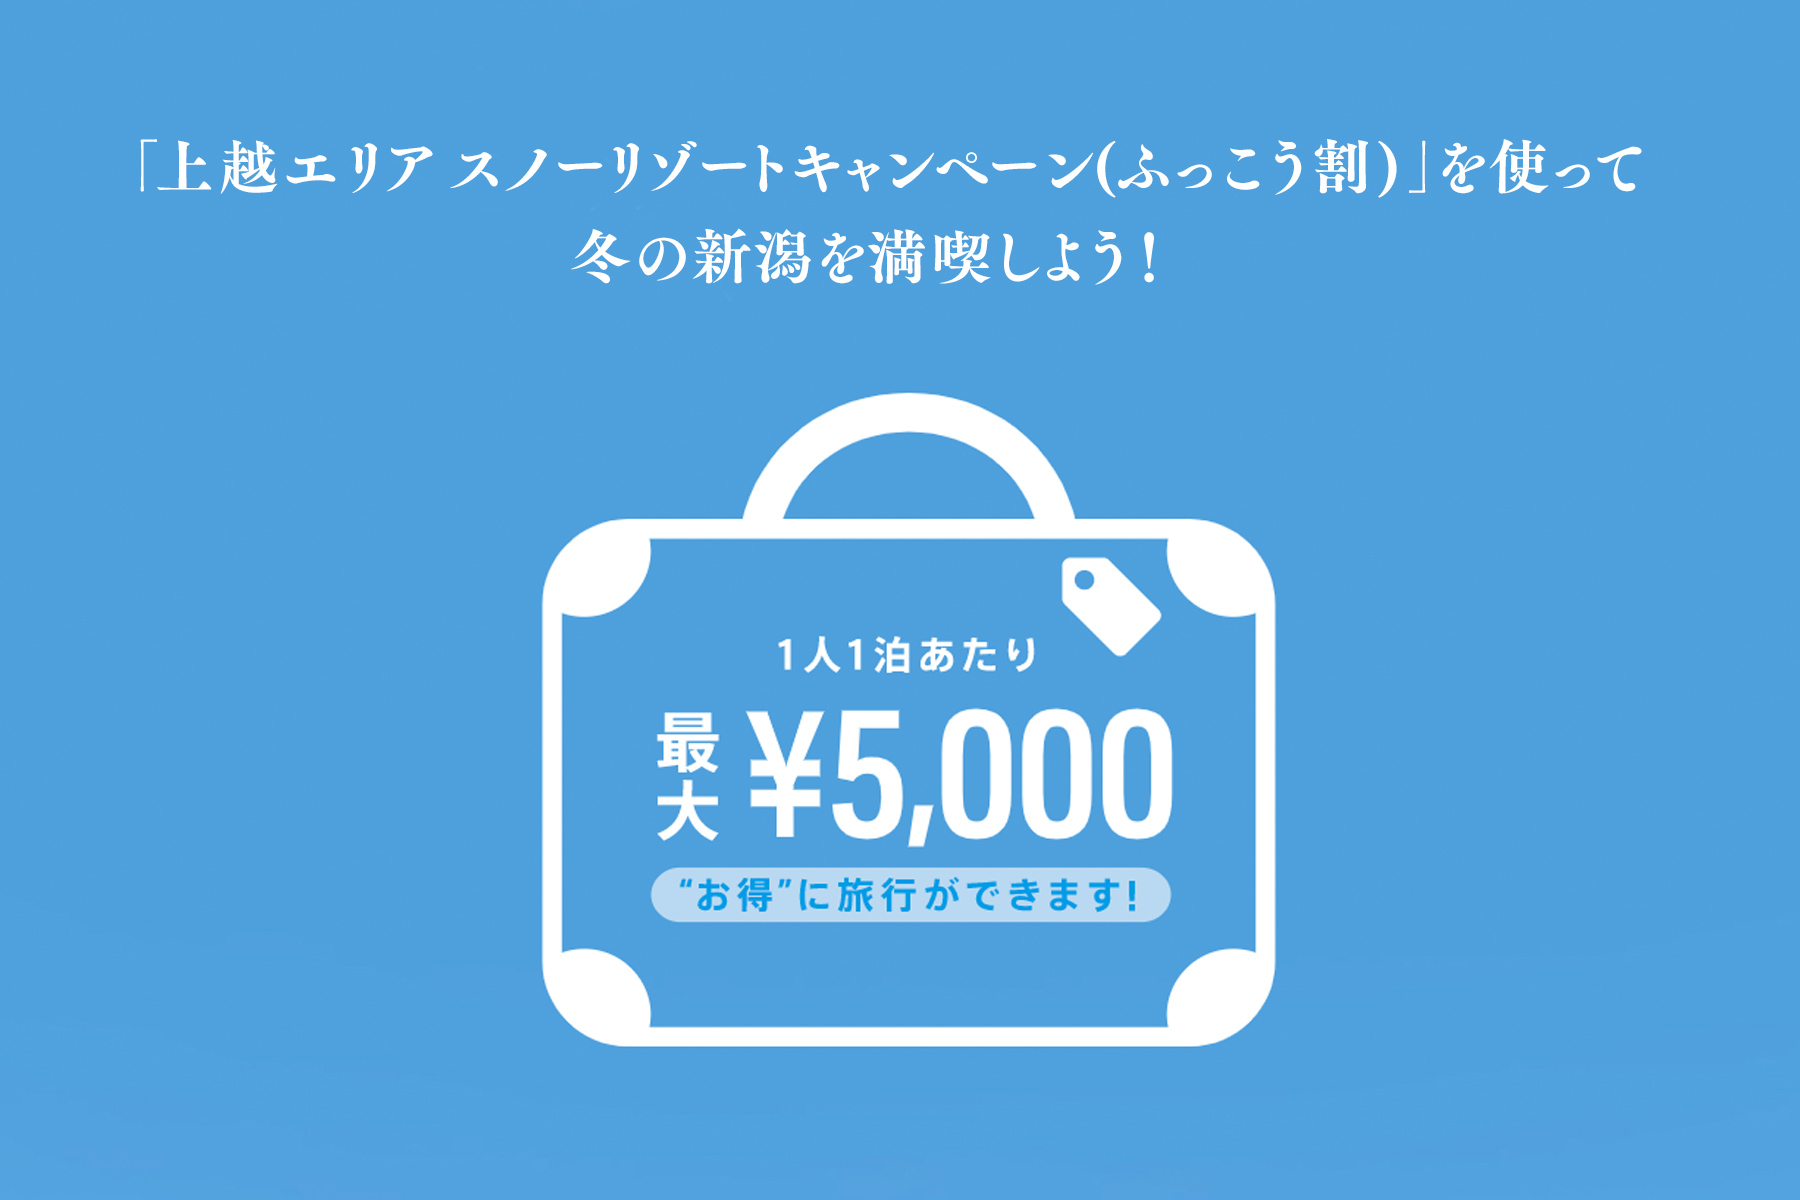 新潟県ふっこう割!先着50名様まで!1泊2食付き料金を5,000円割引します!